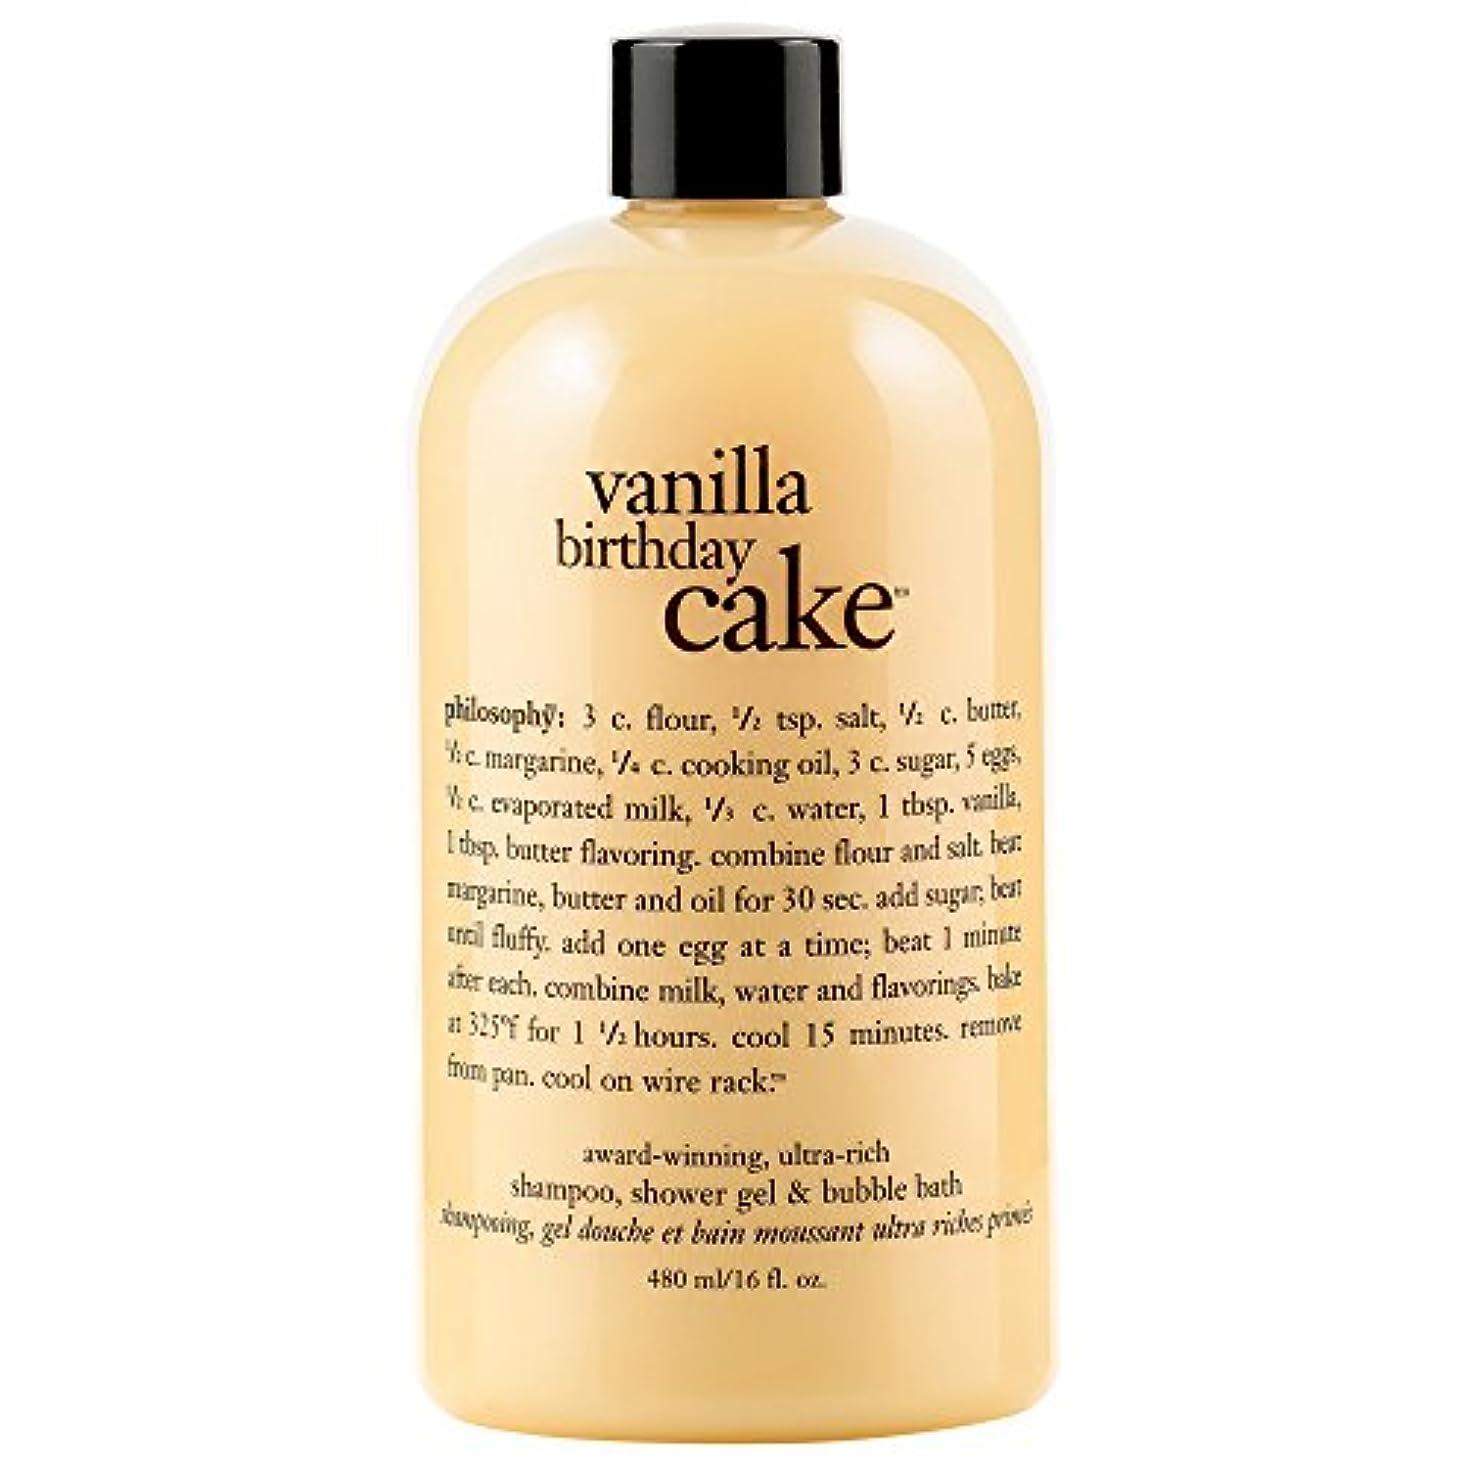 さわやか満足させる否認する哲学バニラバースデーケーキシャンプー/シャワージェル/バブルバス480ミリリットル (Philosophy) (x6) - Philosophy Vanilla Birthday Cake Shampoo/Shower Gel/Bubble Bath 480ml (Pack of 6) [並行輸入品]